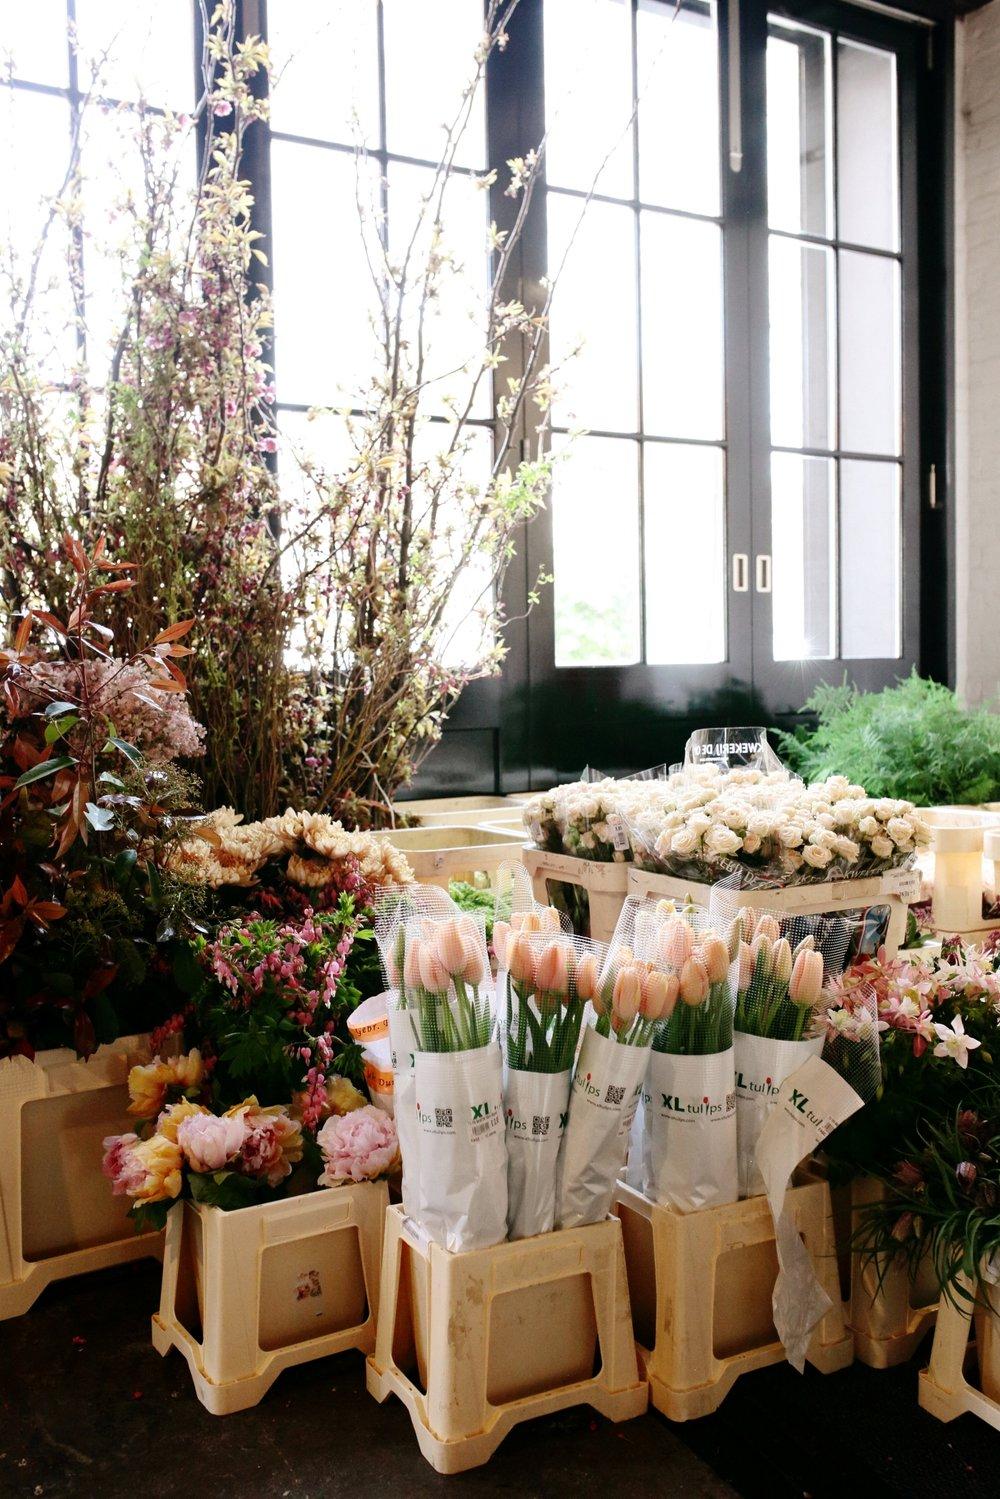 MIRIAM_FAITH_OUR_FLOWERS.JPG